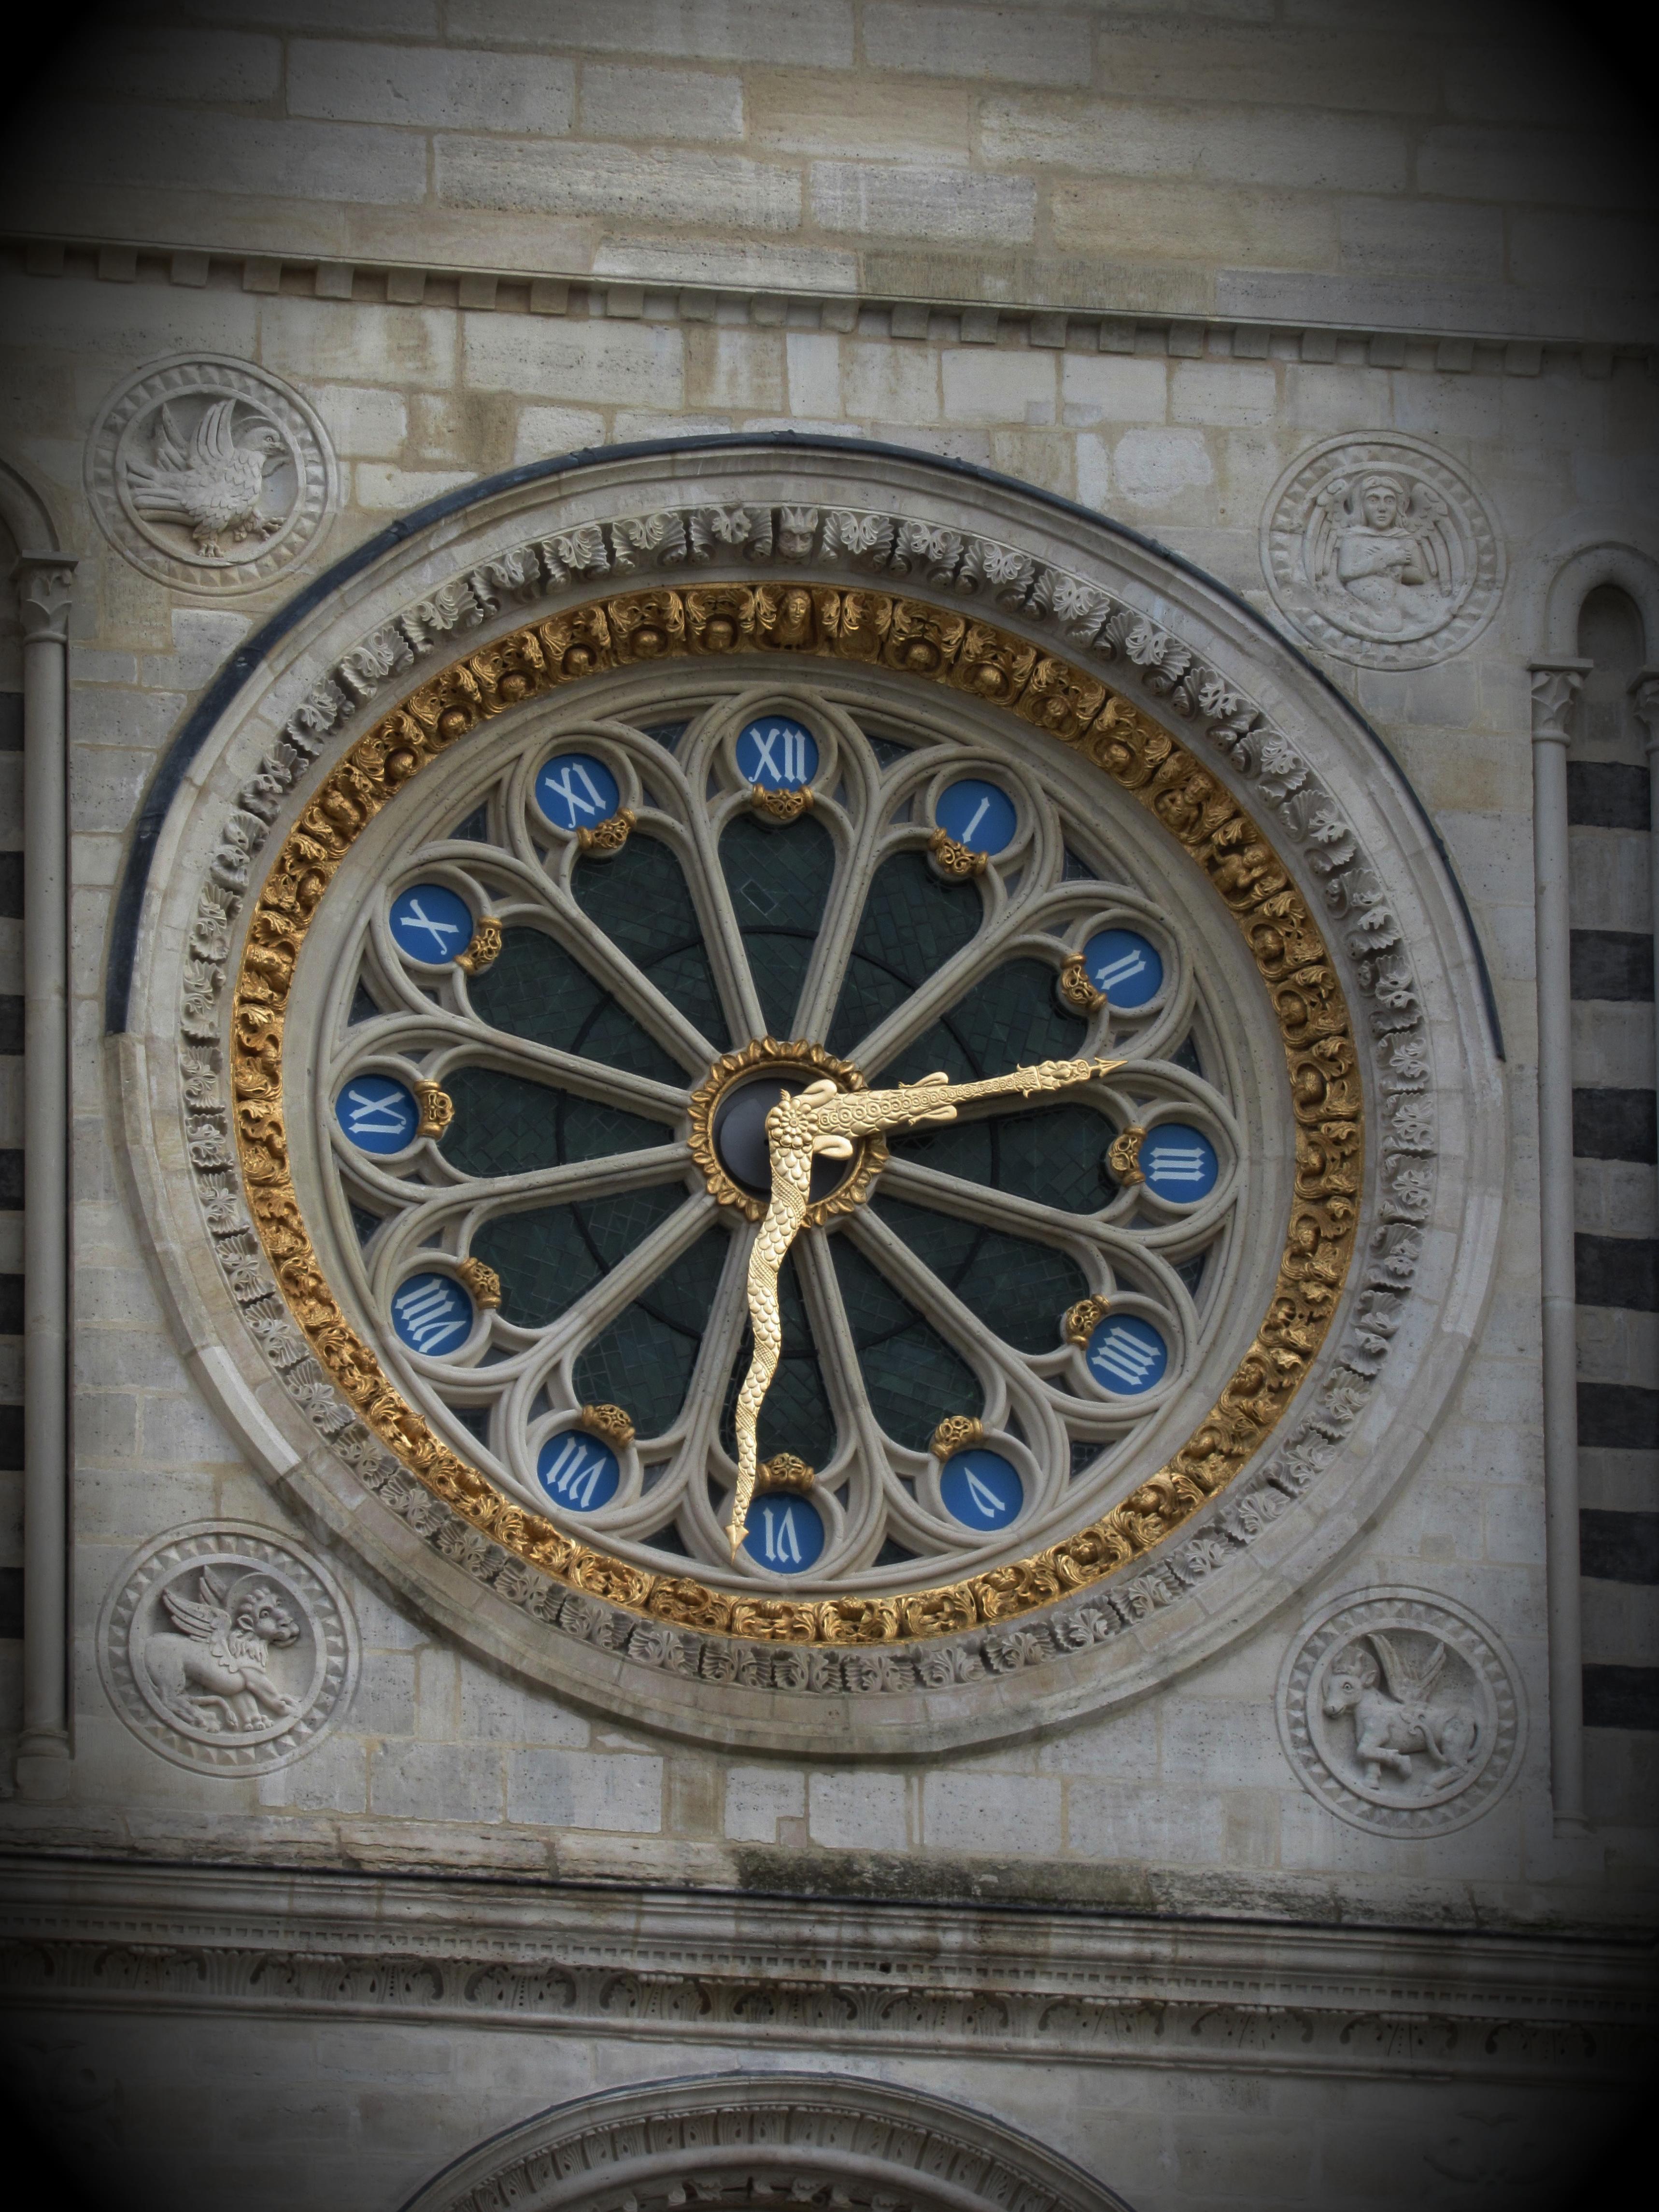 Relógio Basílica de Saint Denis, Paris.